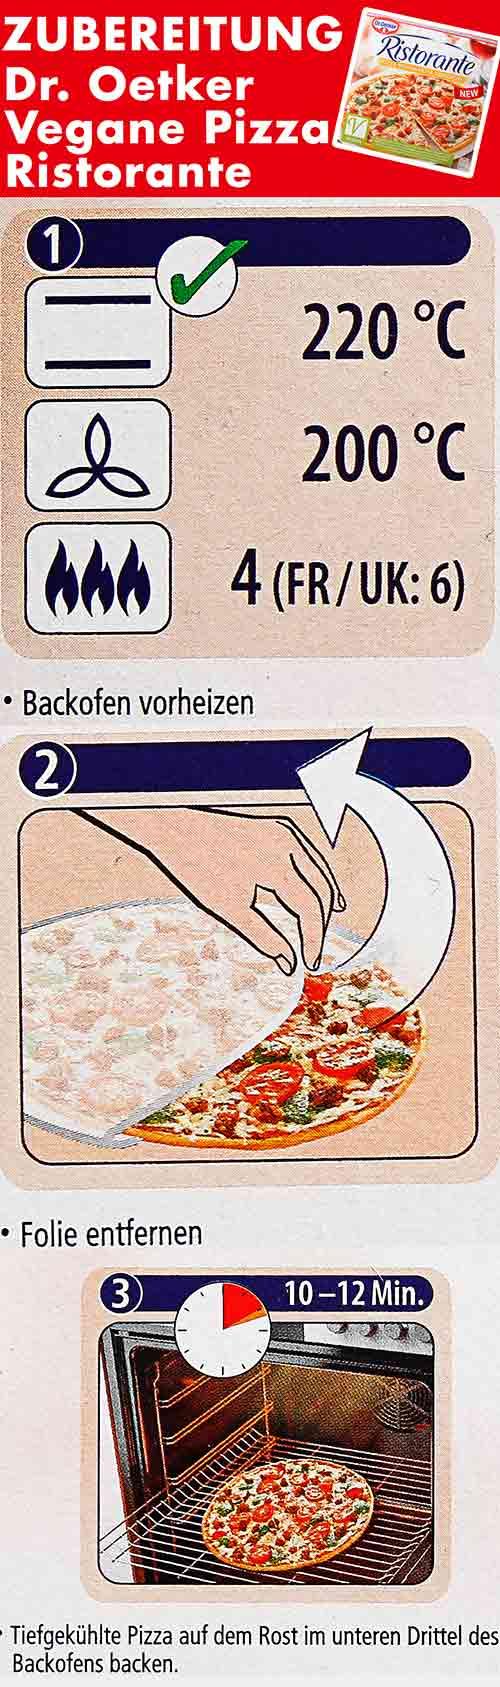 Zubereitungsanweisung der veganen Pizza von Dr. Oetker